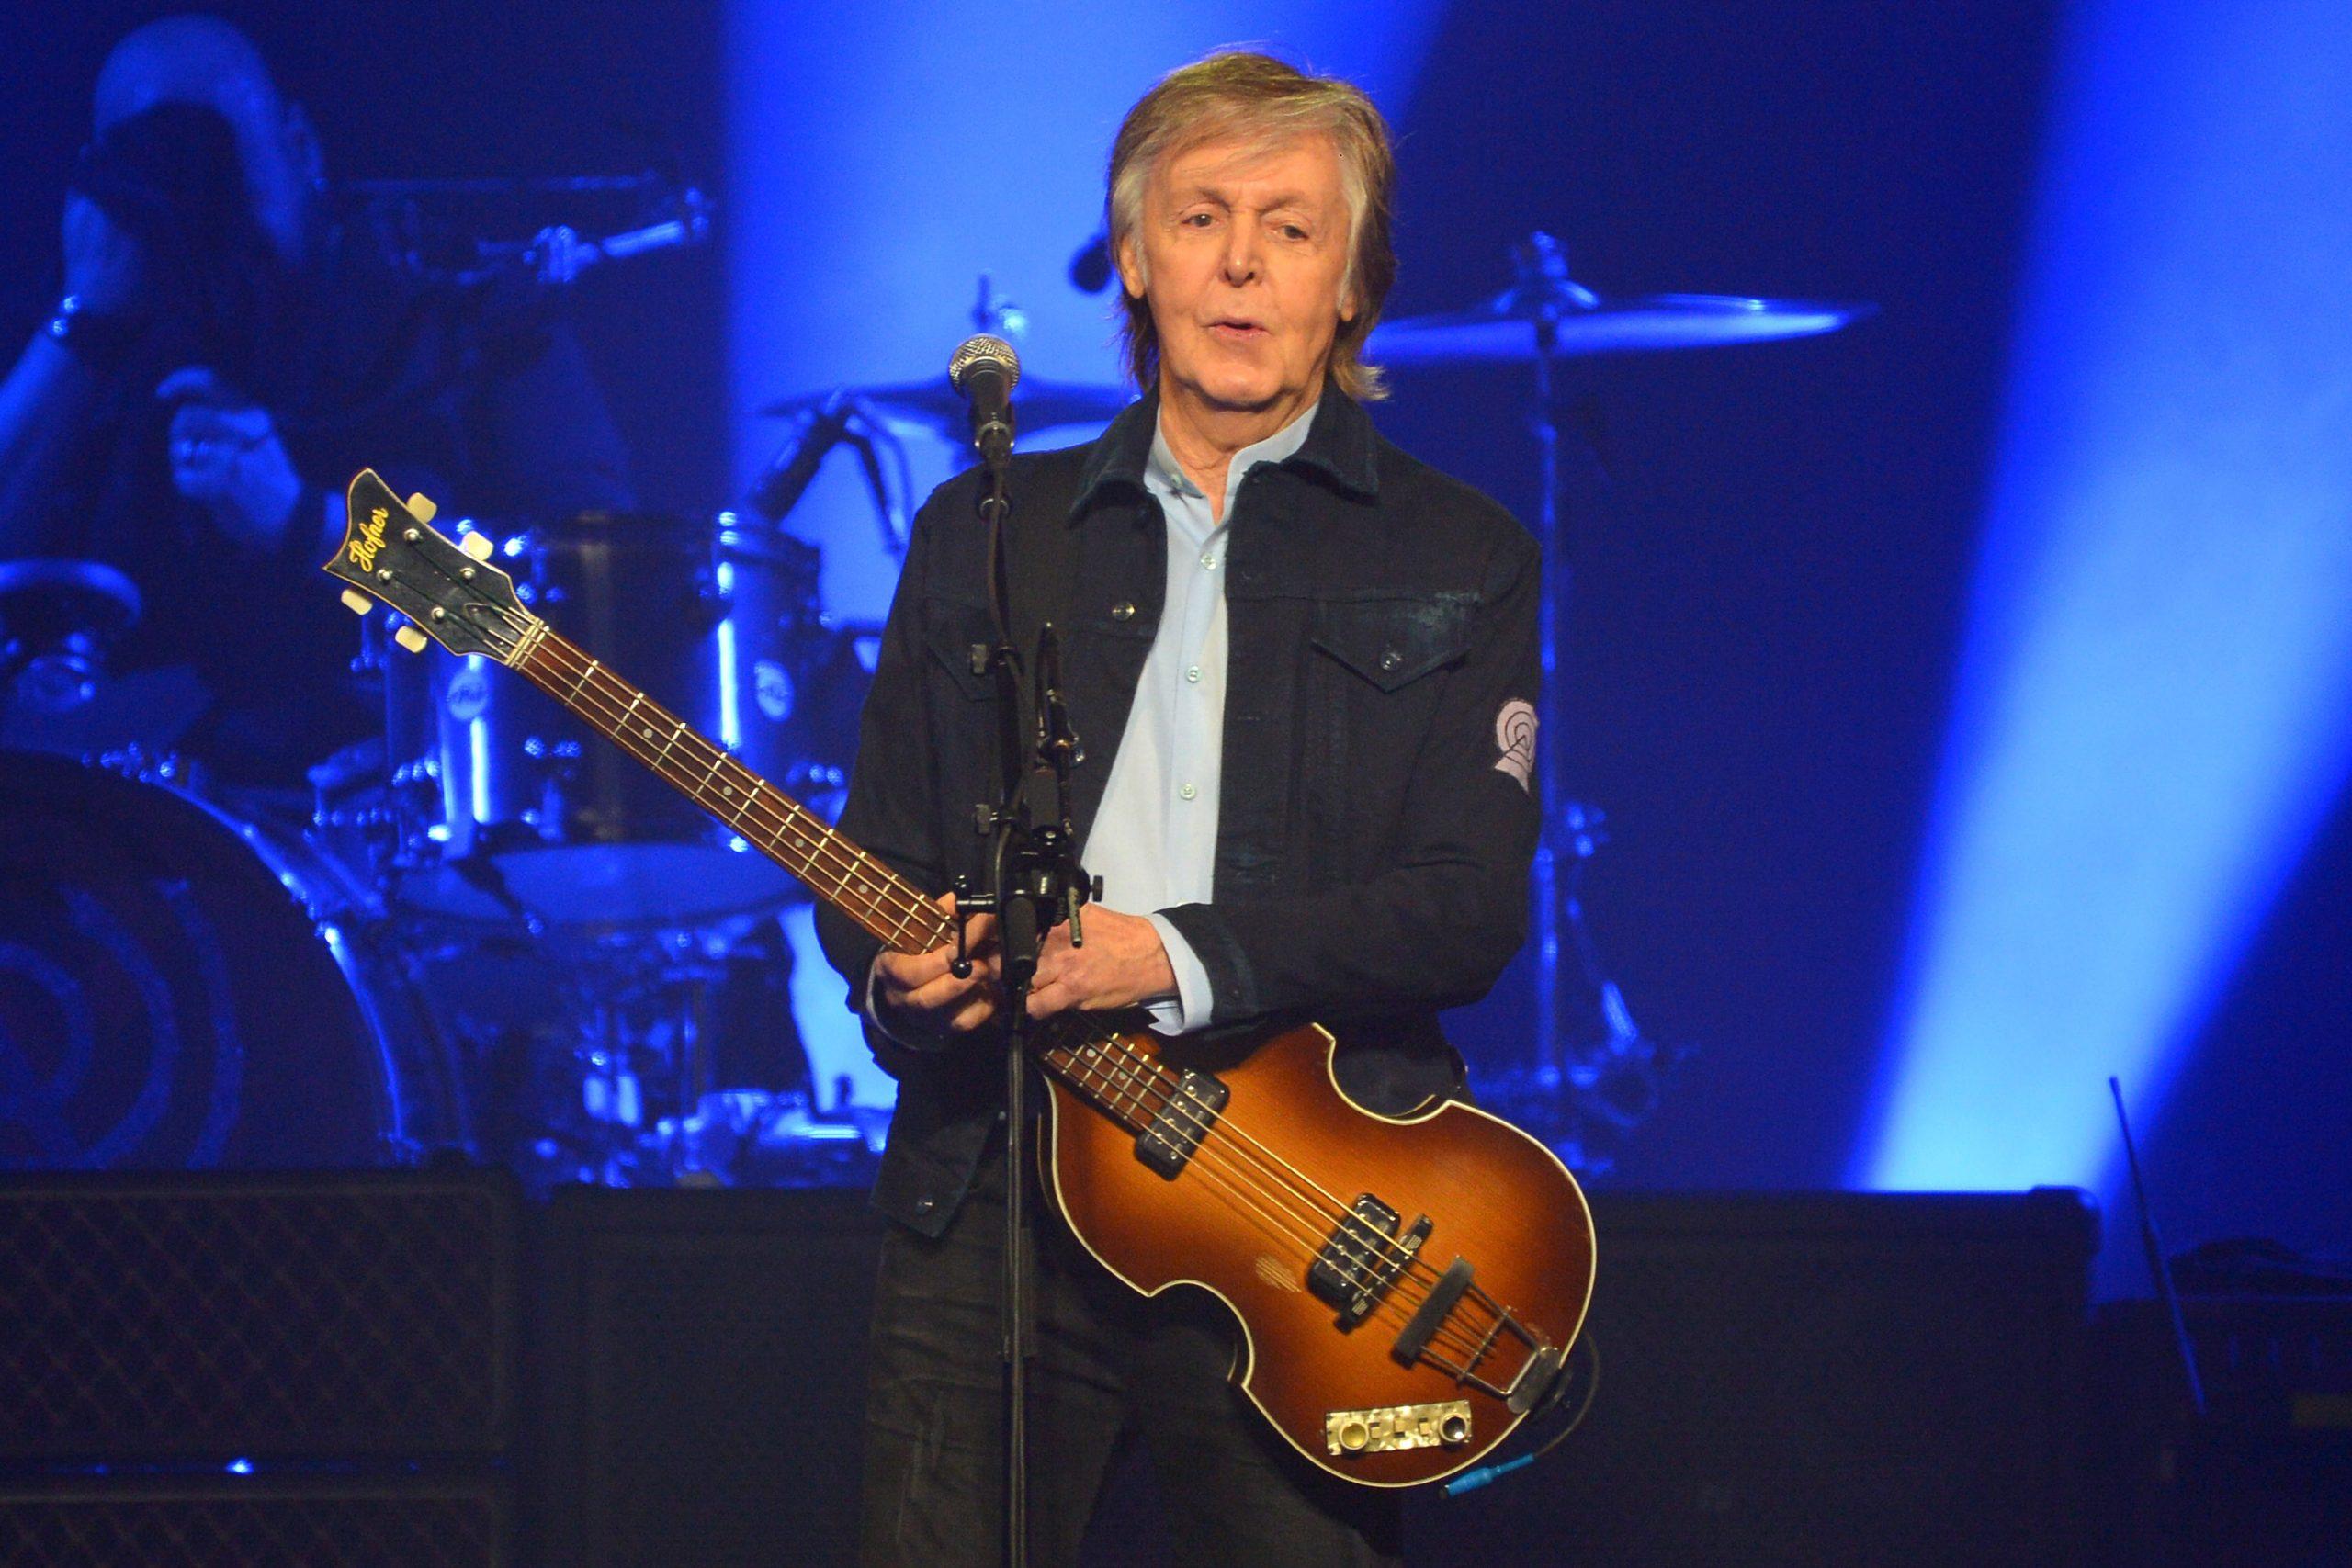 Qué moderrno: Paul McCartney abrió su cuenta oficial de TikTok y es una verdadera joya